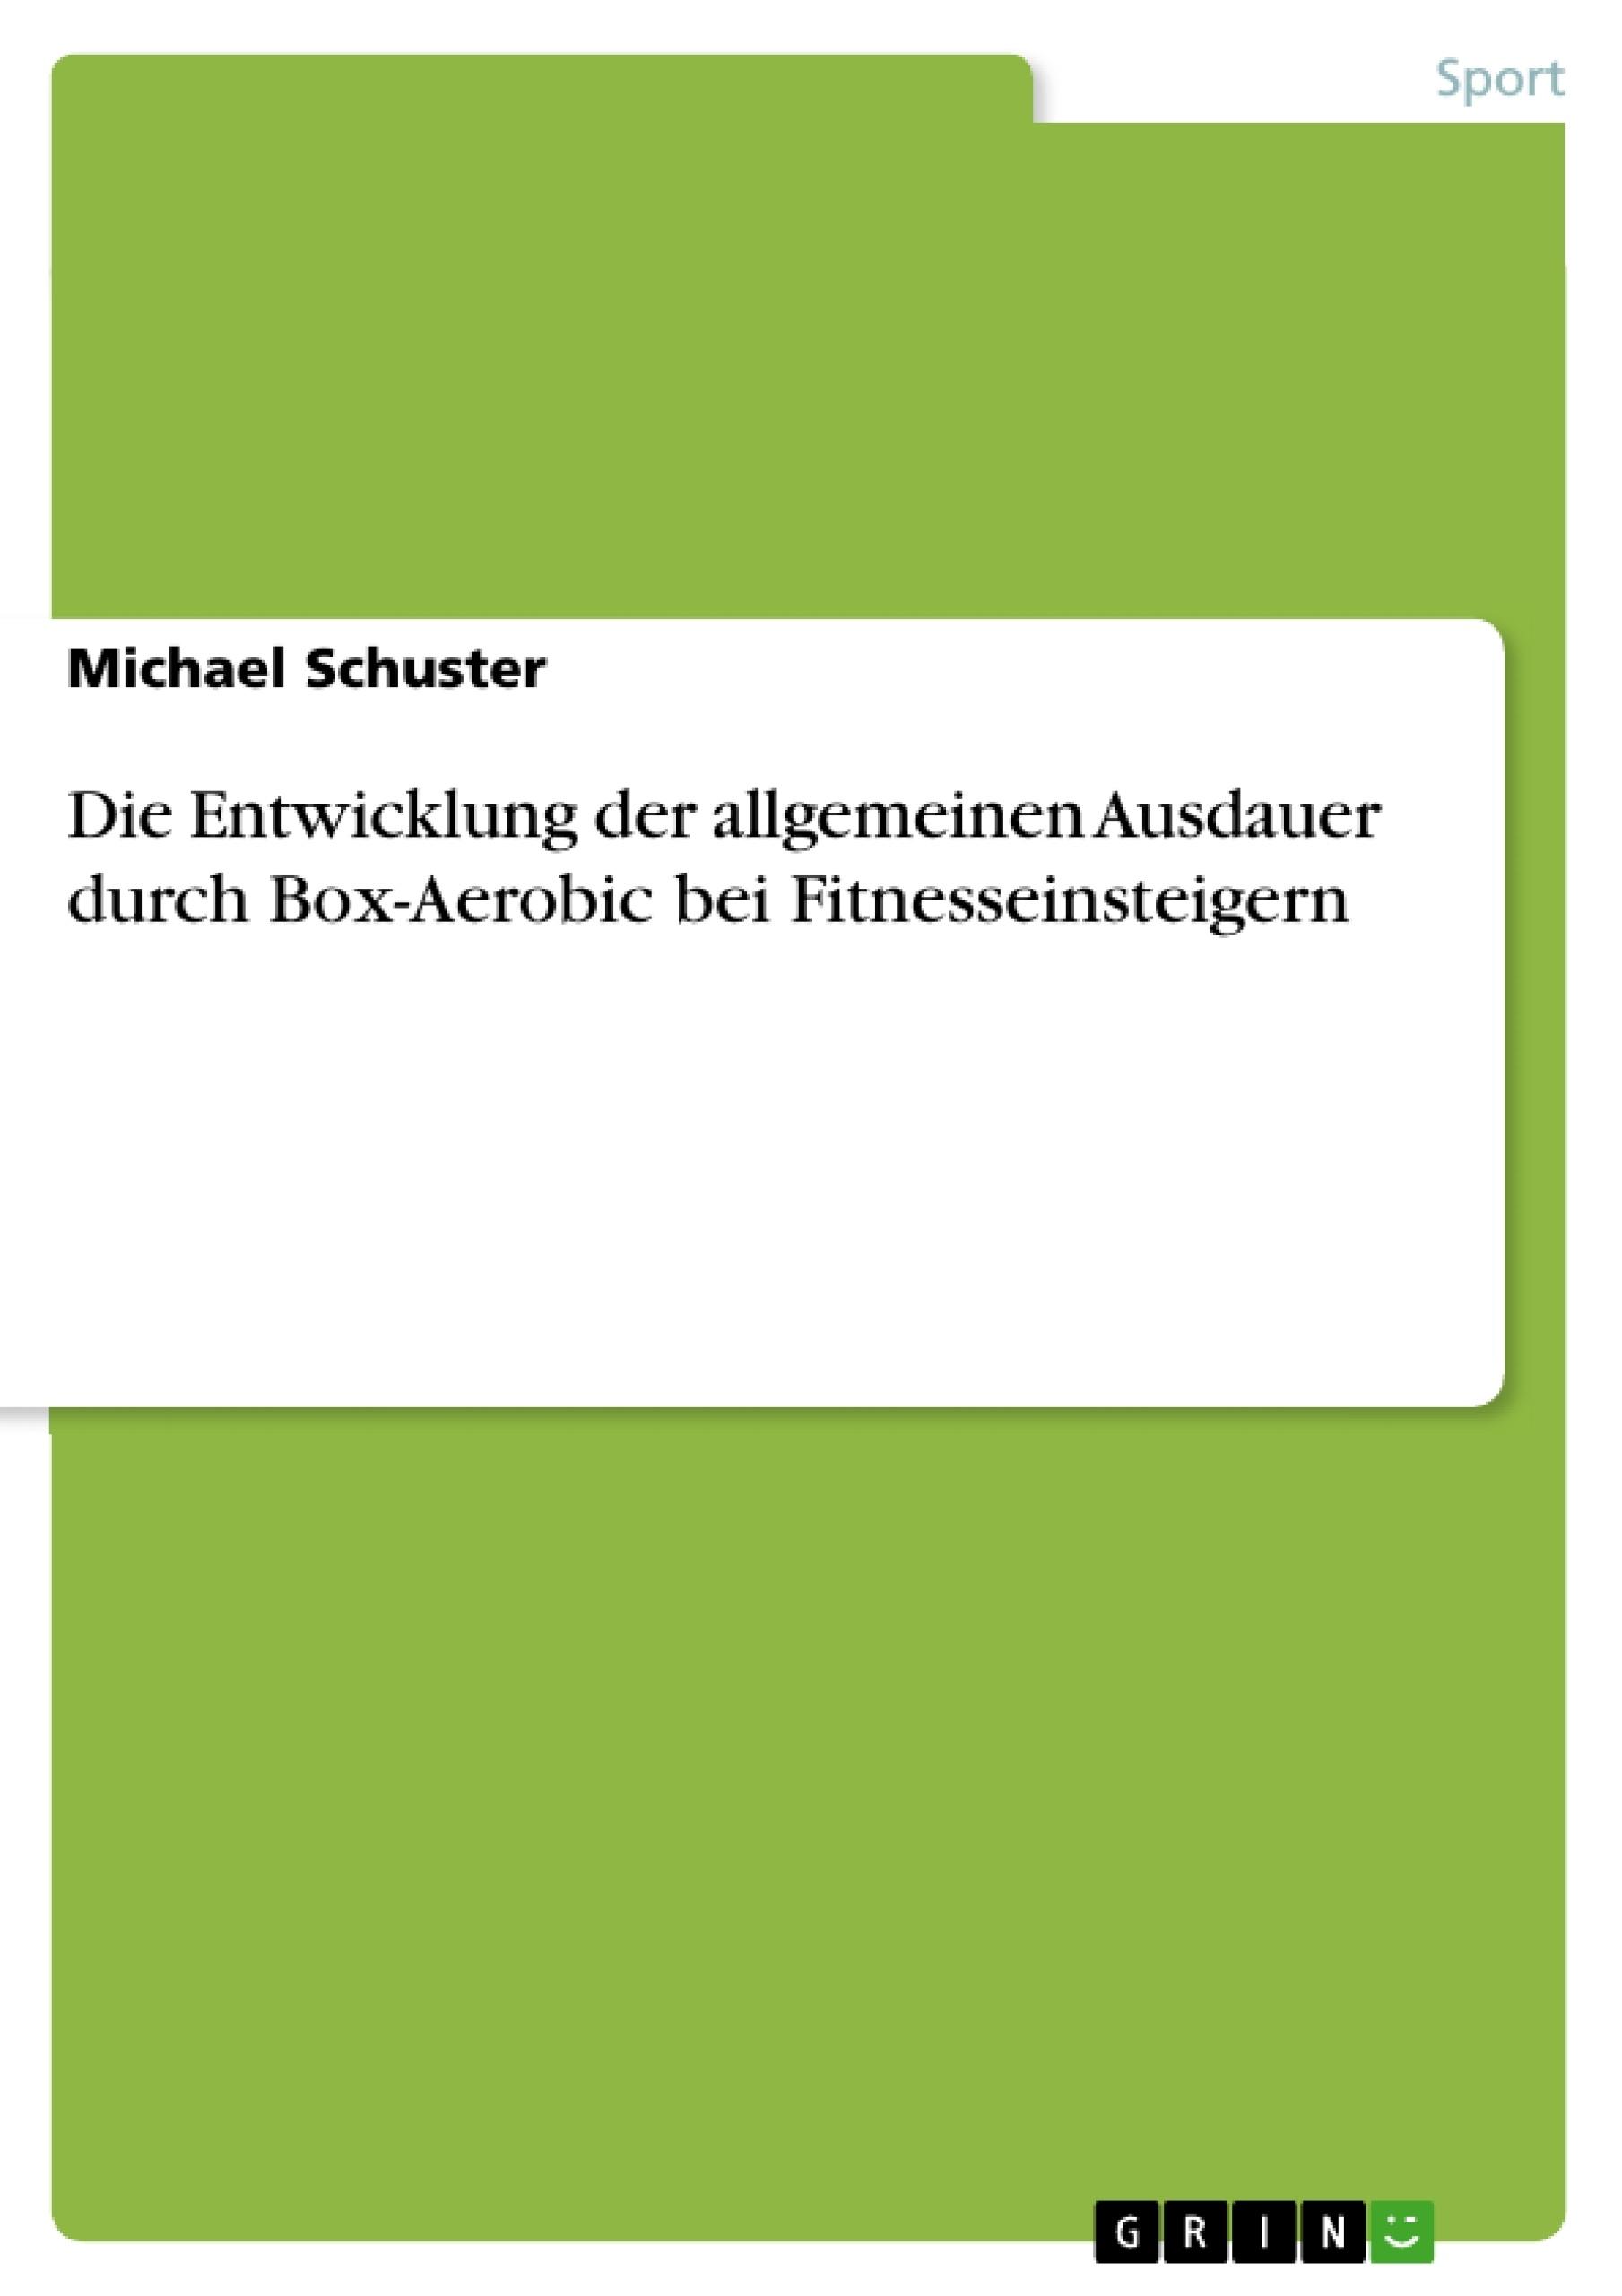 Titel: Die Entwicklung der allgemeinen Ausdauer durch Box-Aerobic bei Fitnesseinsteigern